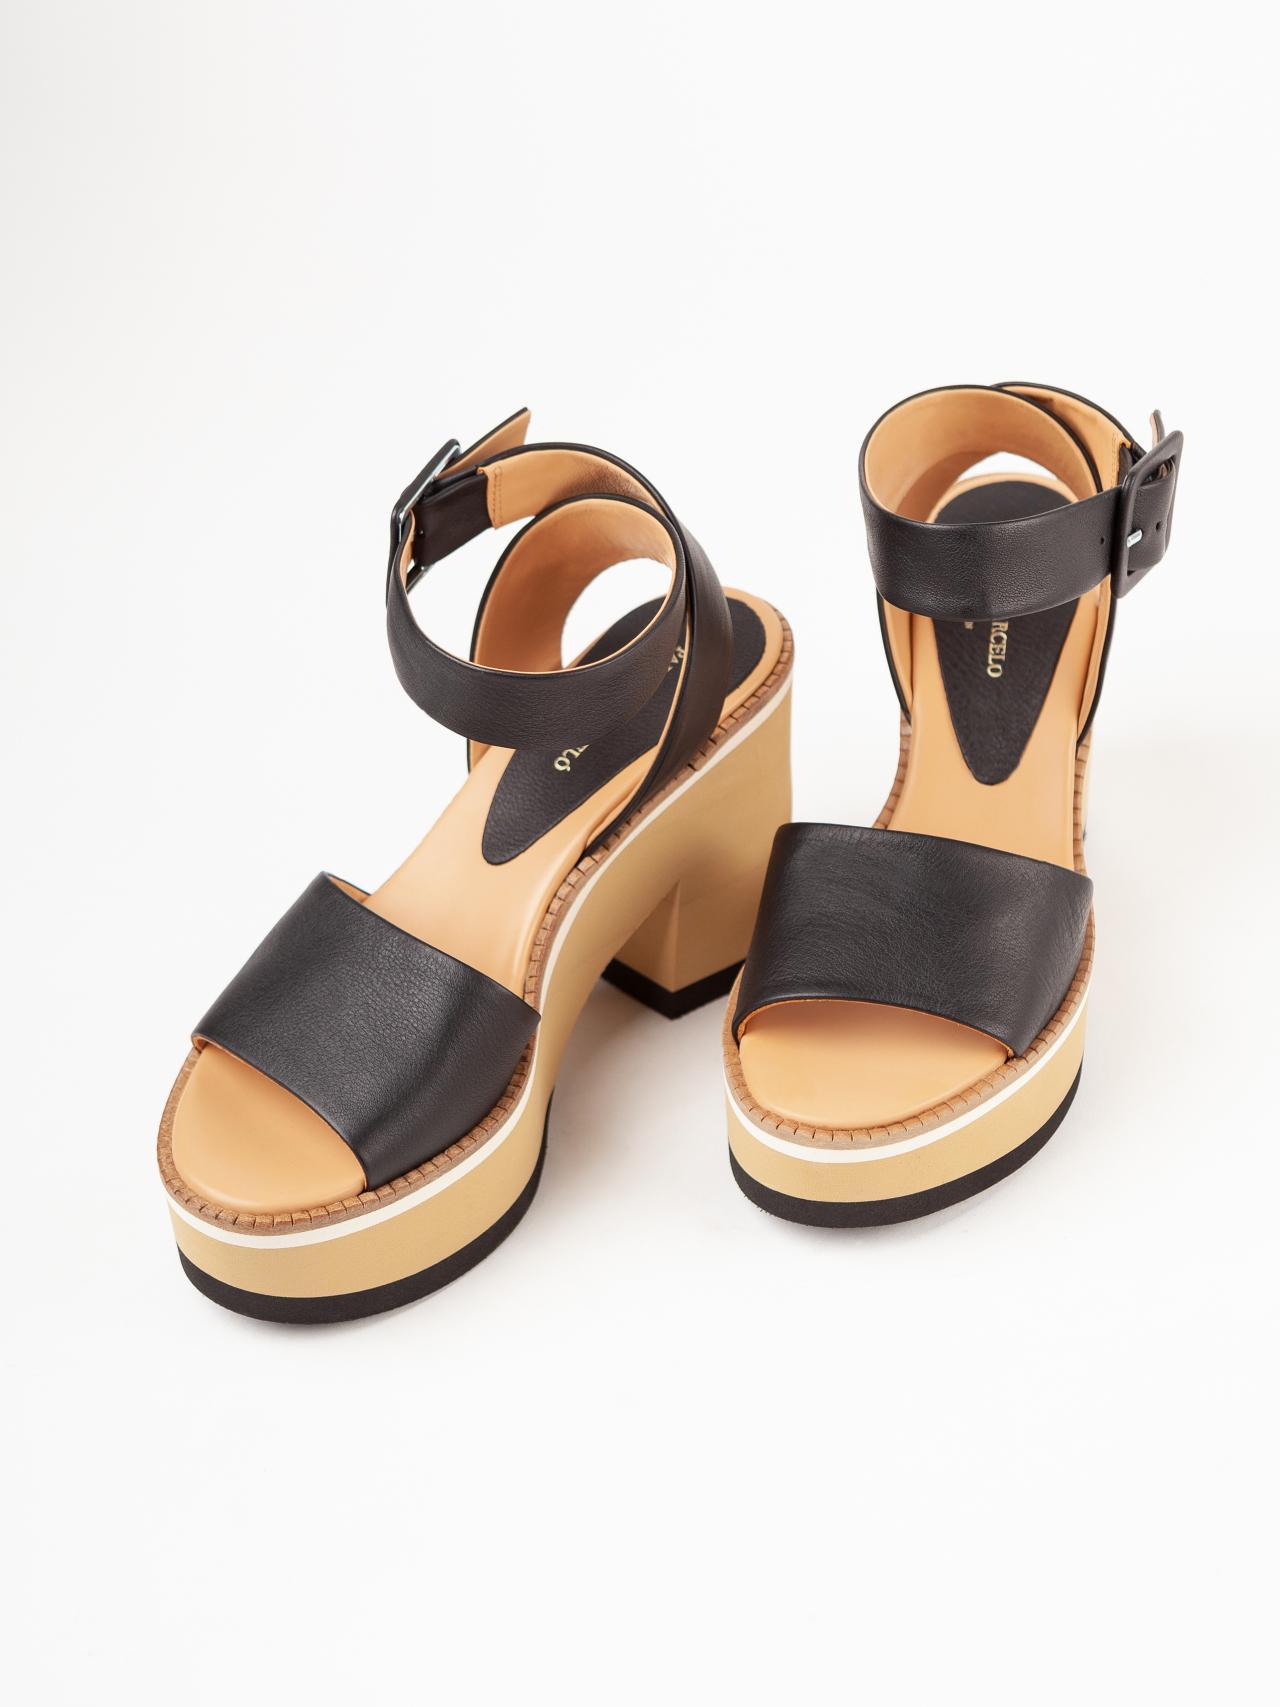 Sandalo tacco zeppa in pelle Paloma Barcelò